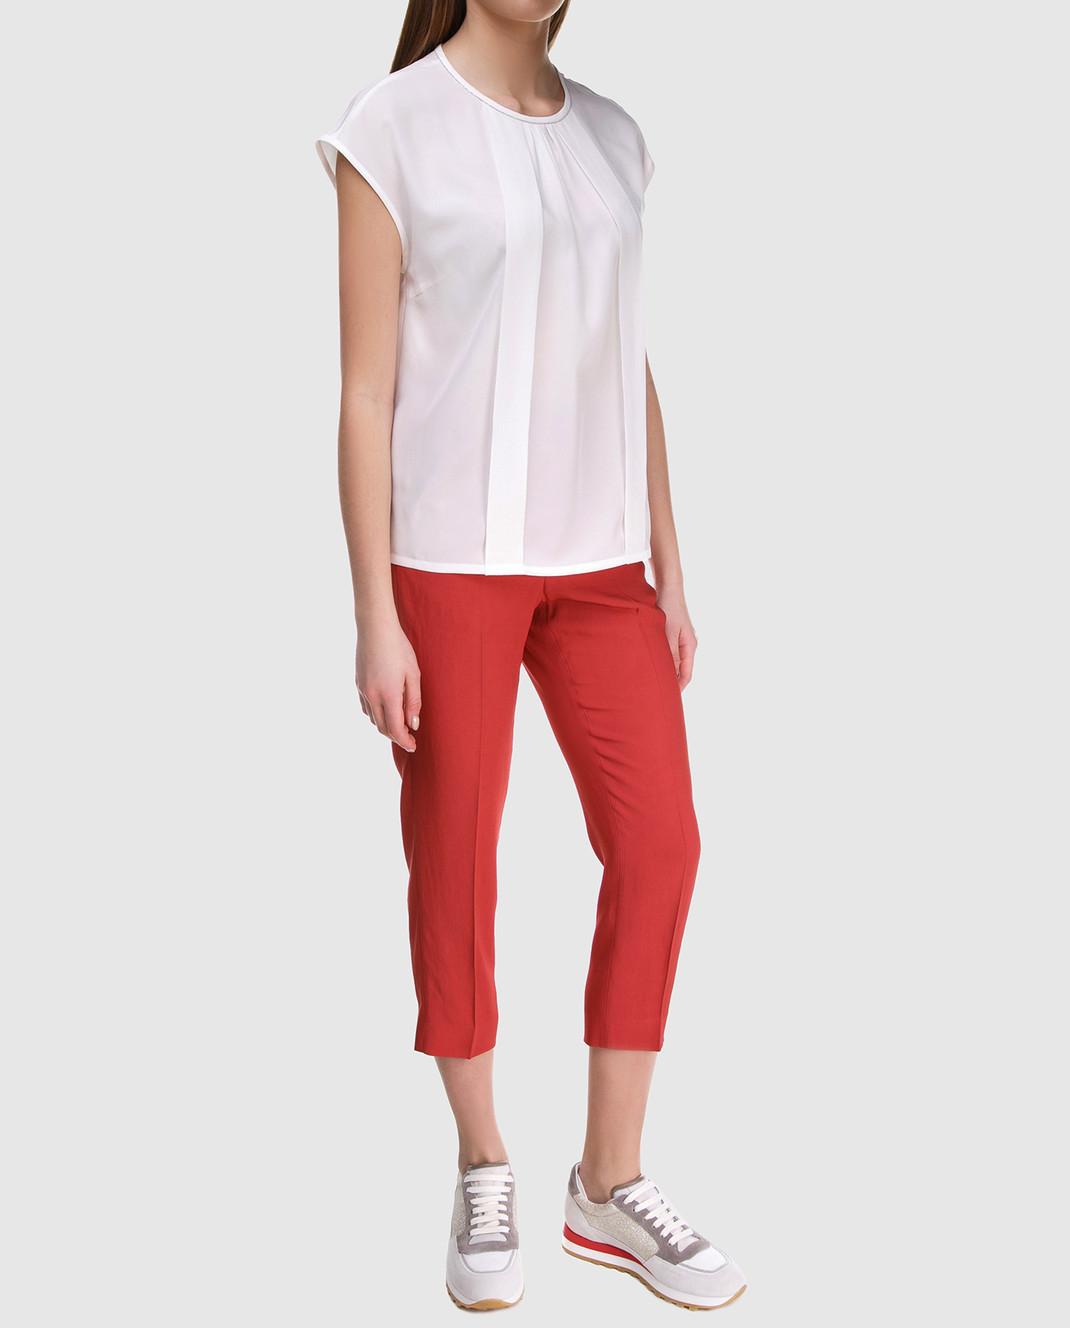 Peserico Красные брюки P04136 изображение 2